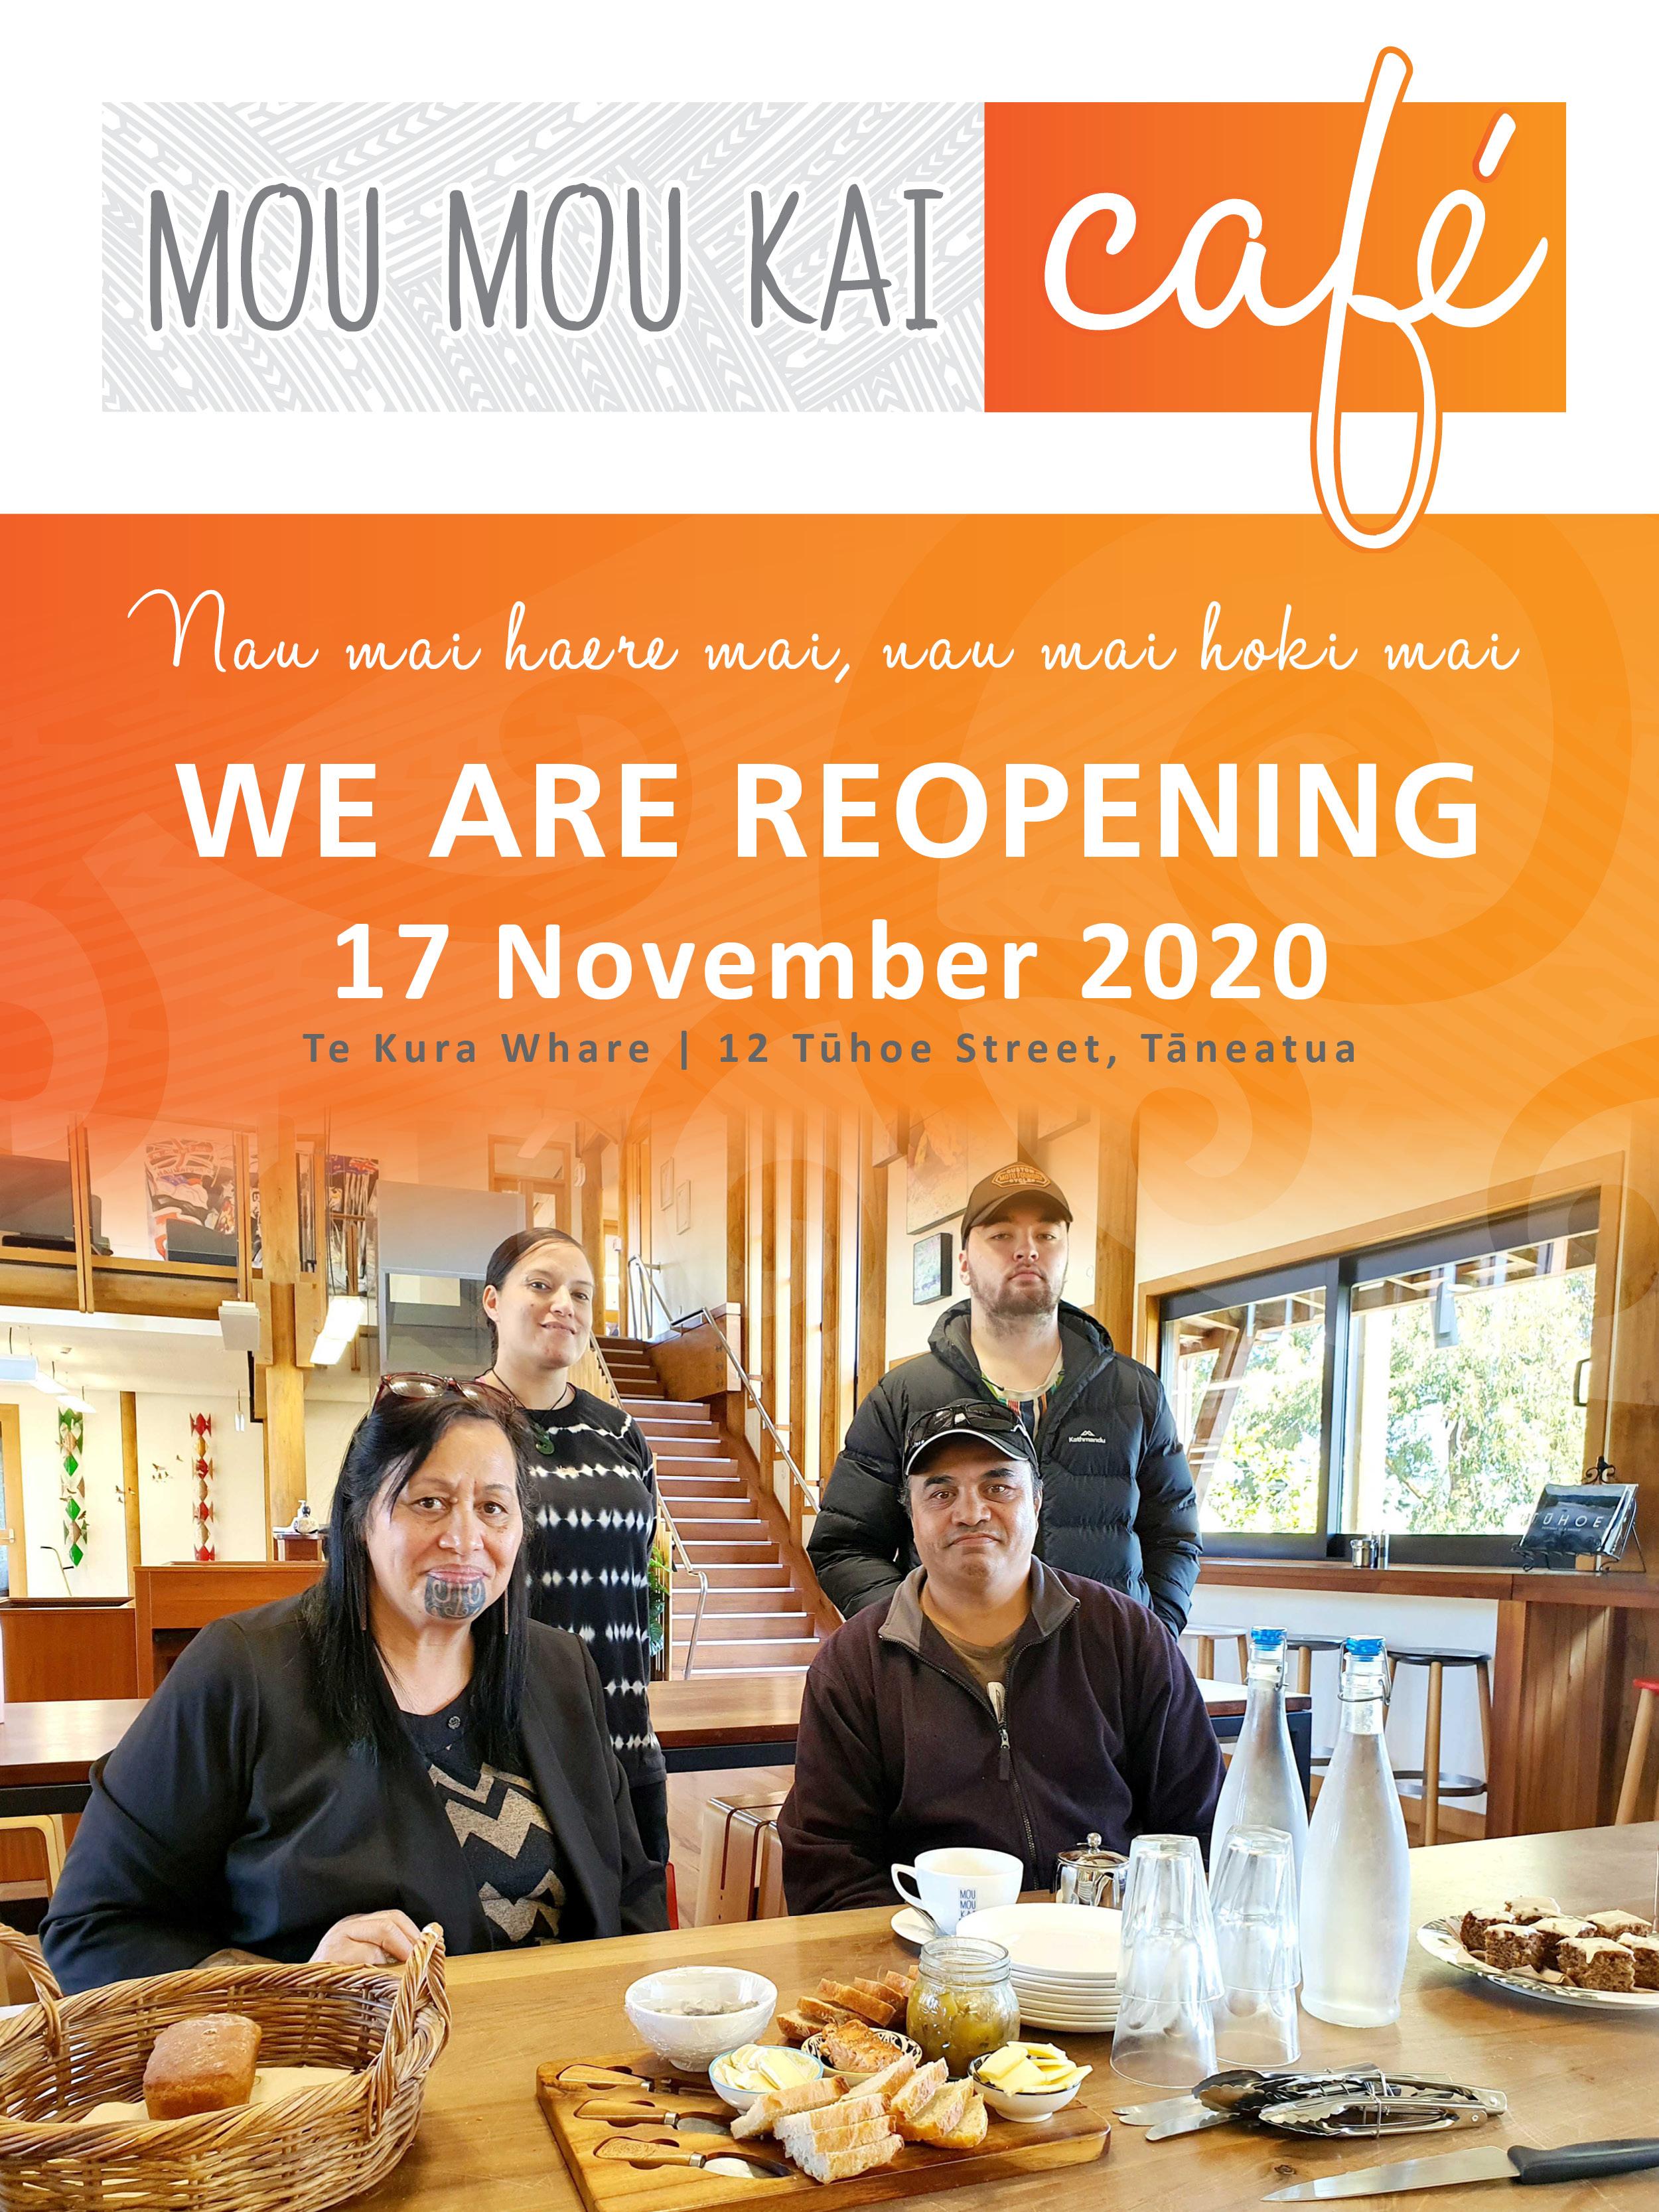 Moumou Kai Cafe Space